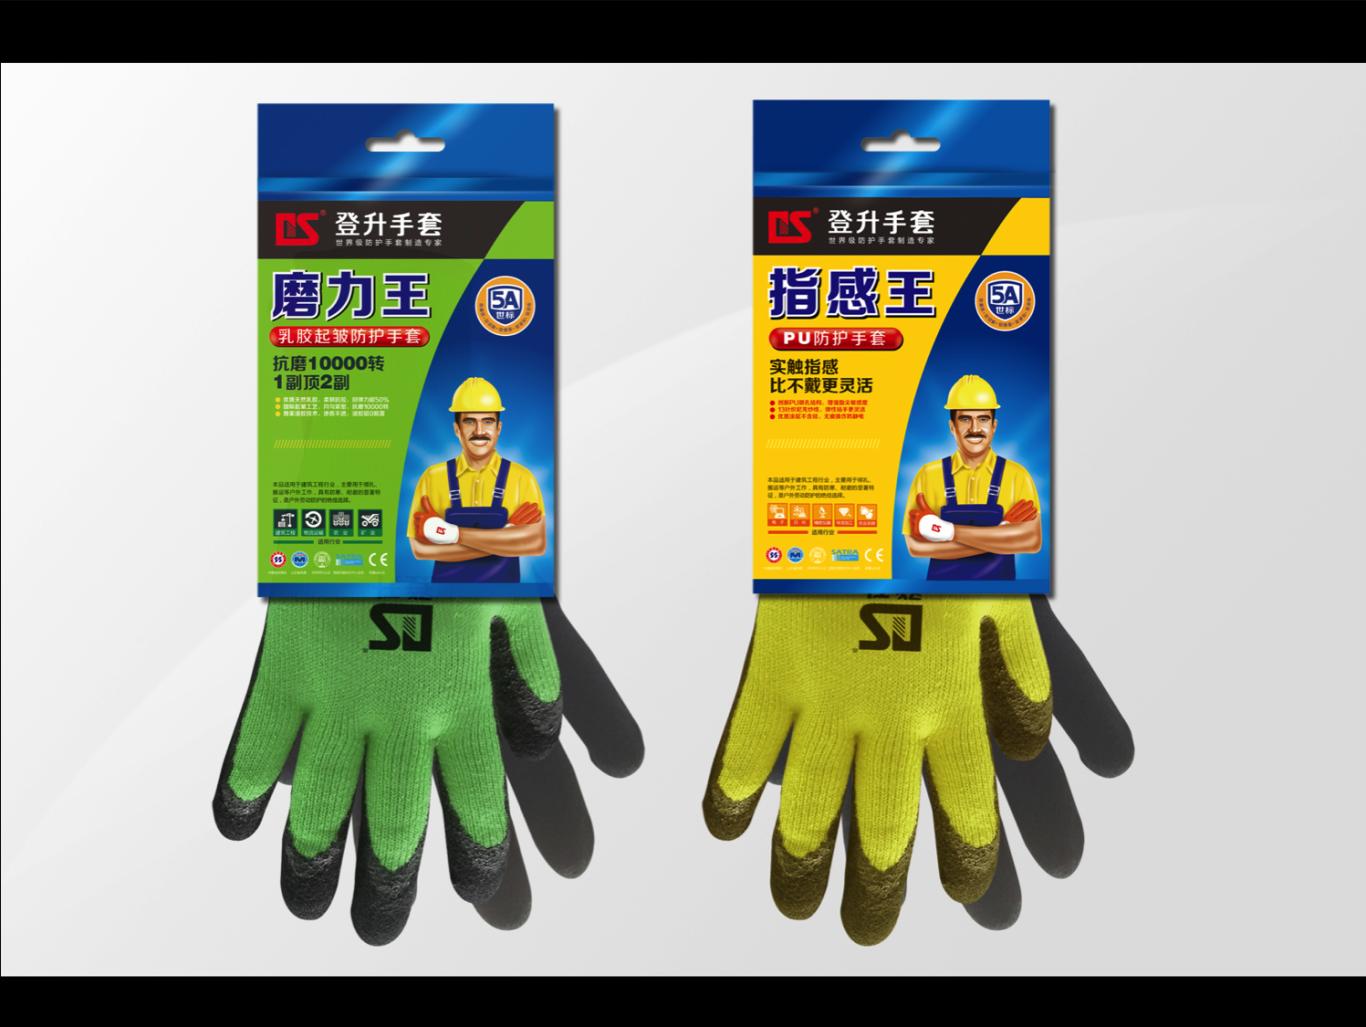 登升手套包装设计图0